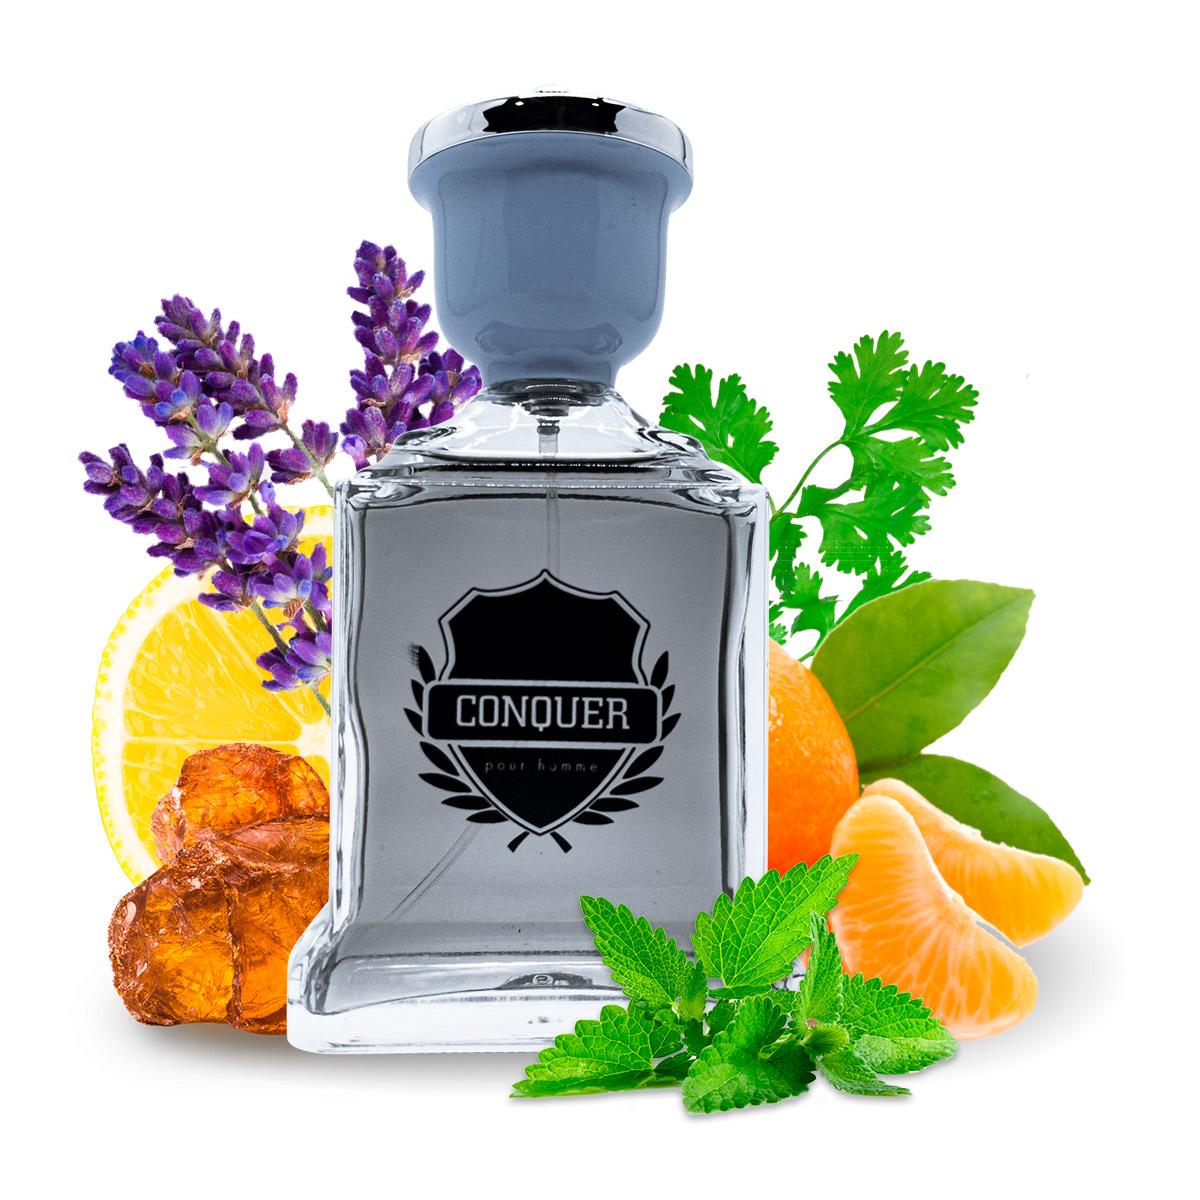 Kit 2 Perfumes Importados Black Scent e Conquer I Scents